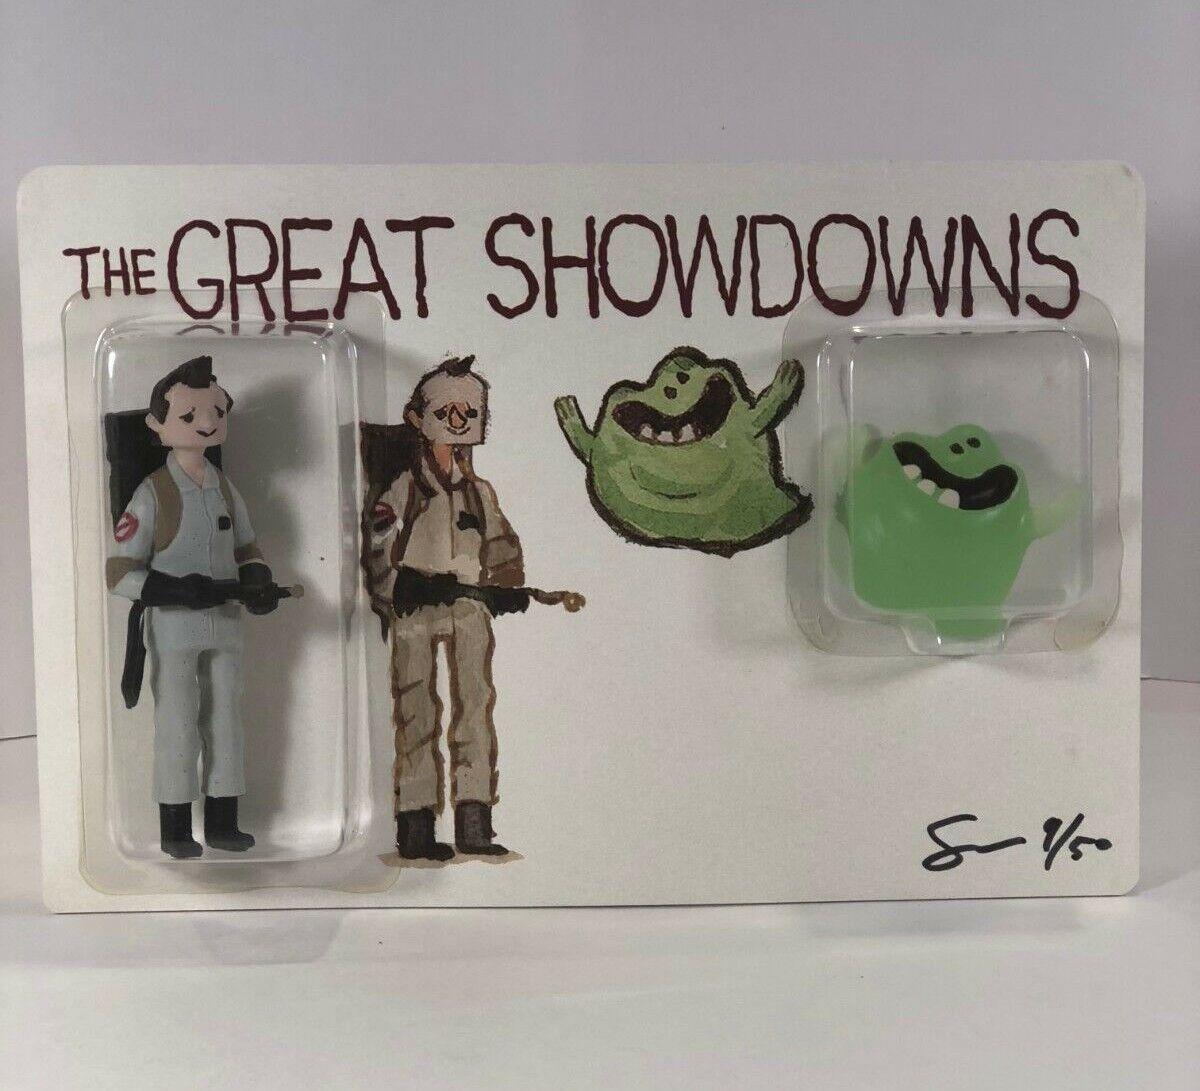 DKE Toys Great Showdowns by Scott C 2017  SDCC Exclusive Figure Ghostbusters RARE  marques de créateurs bon marché